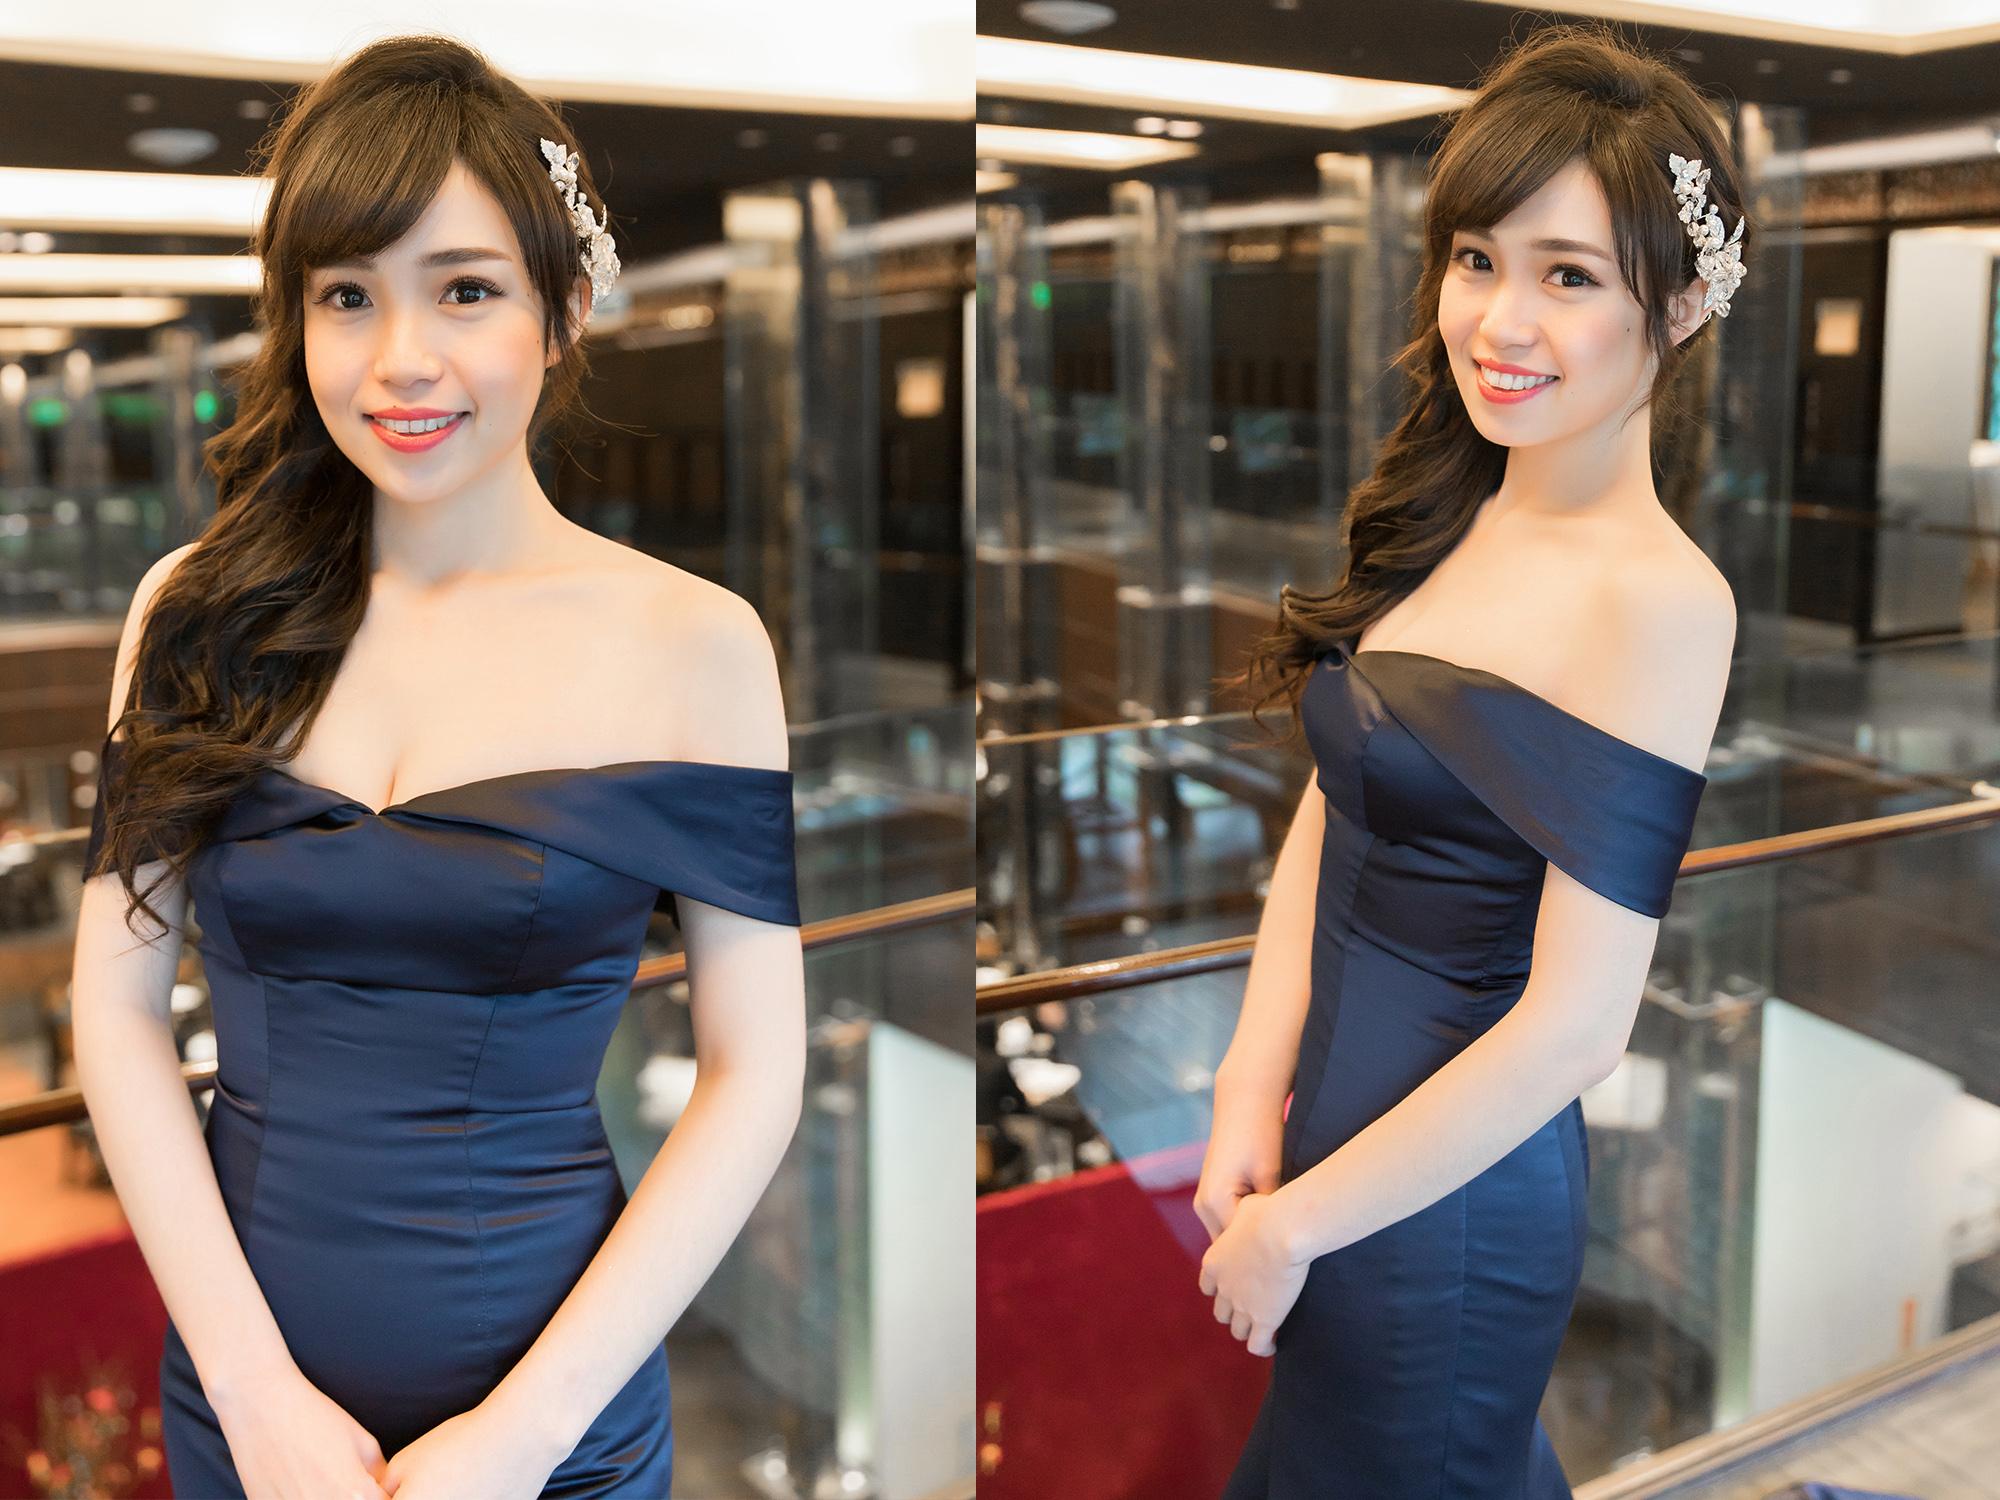 新秘Yuki,新娘秘書,新秘,新娘造型,新秘推薦,新娘妝容,高雄新秘, 盤髮造型, C型瀏海,故宮晶華